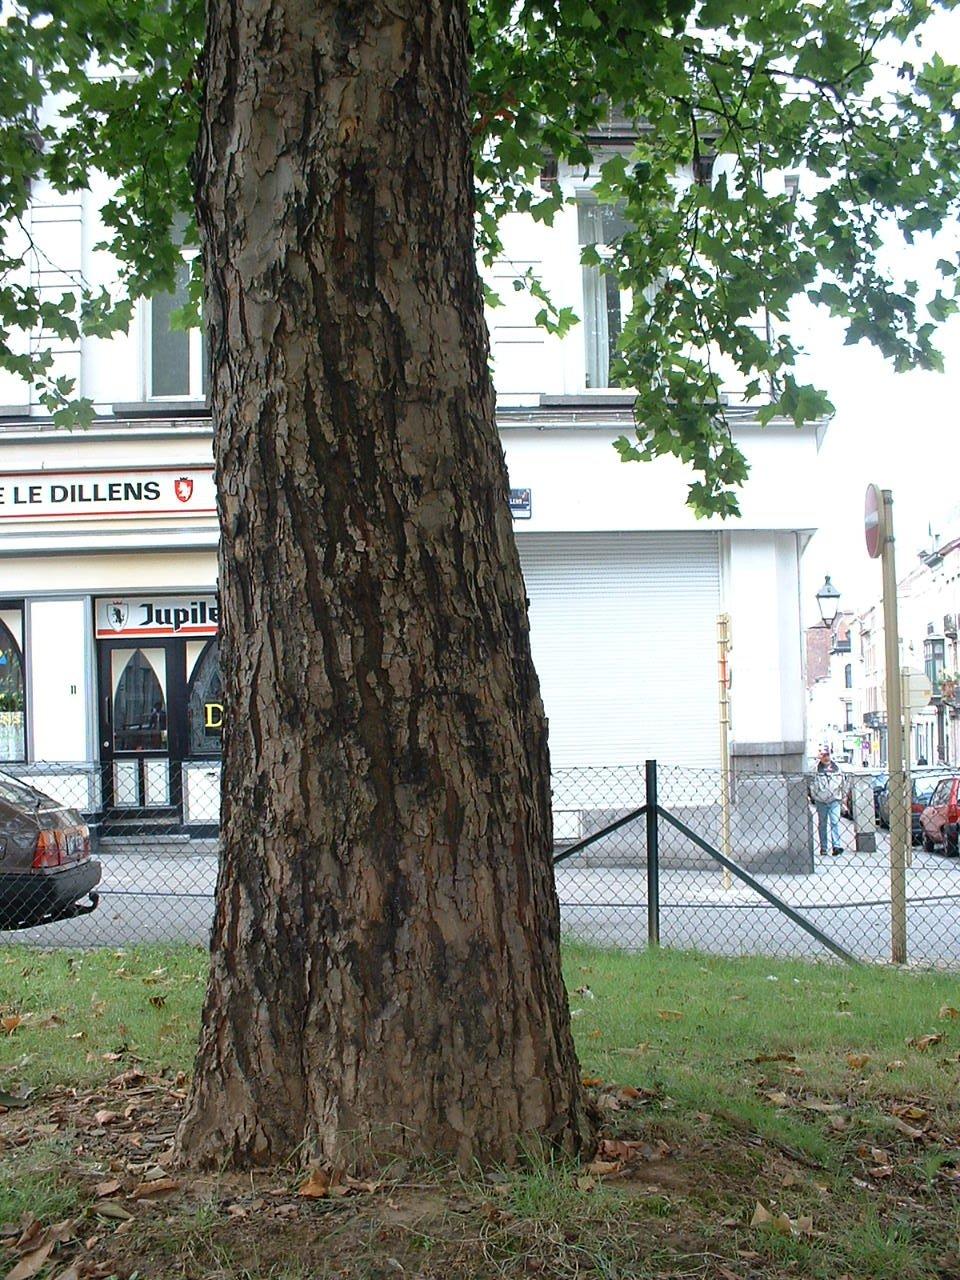 Platane à feuille d'érable – Saint-Gilles, Place Julien Dillens –  22 Août 2002